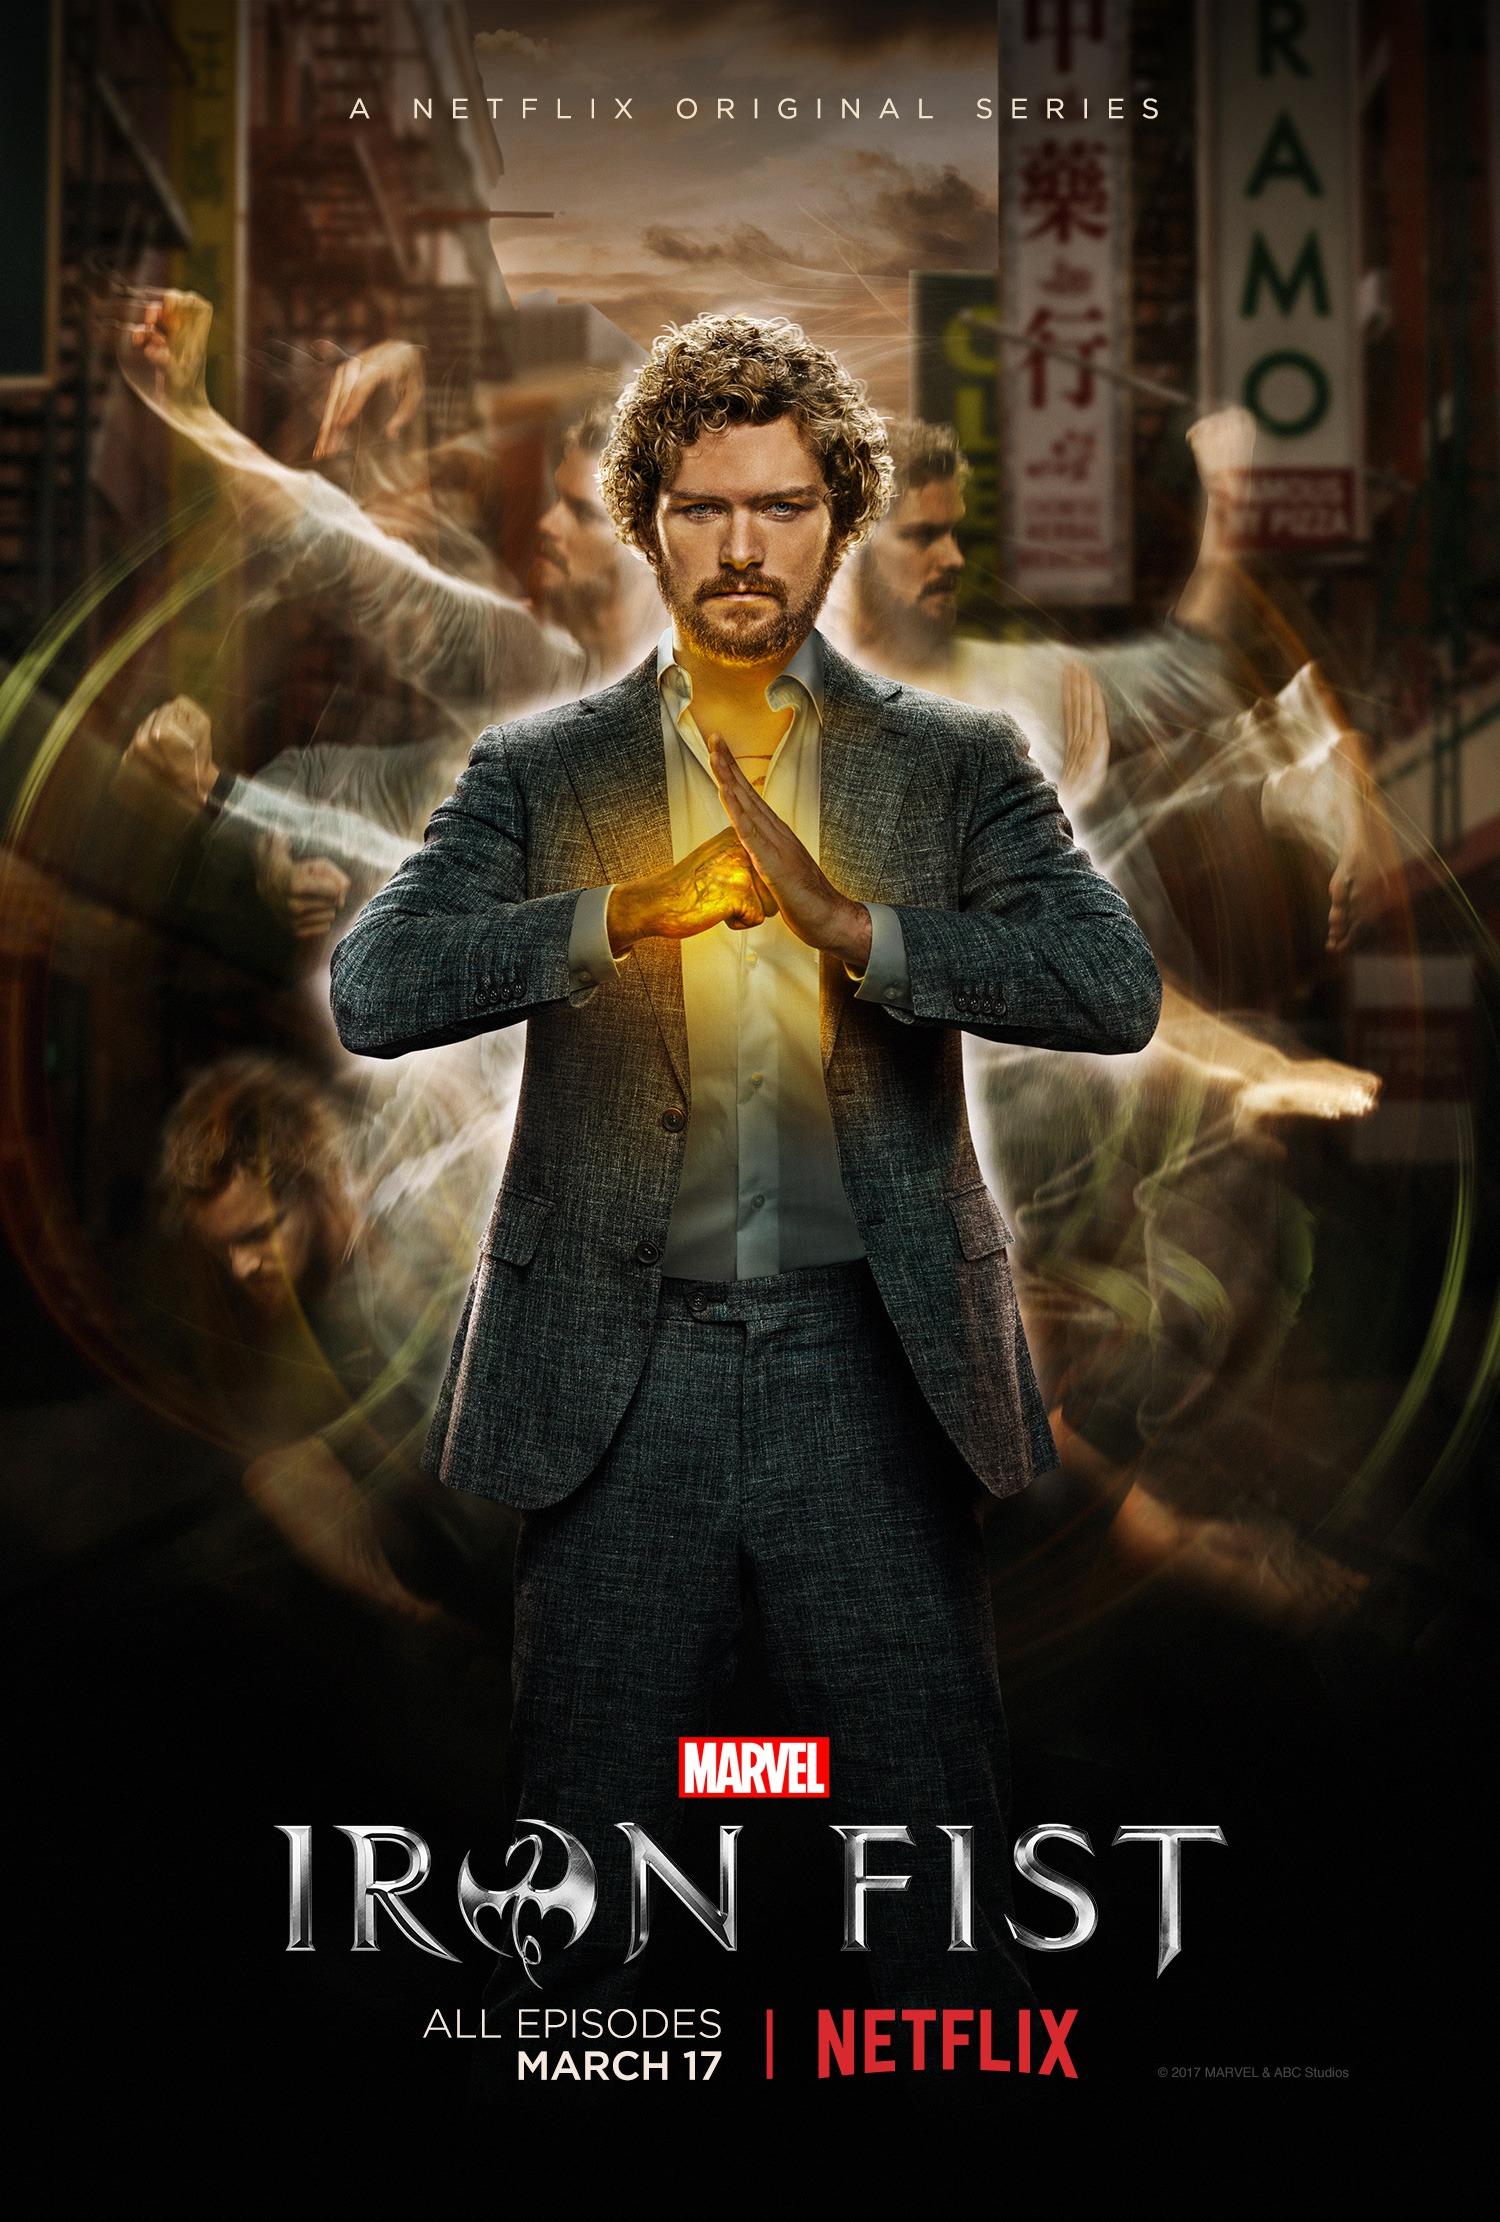 Iron Fist (2017 TV Series)